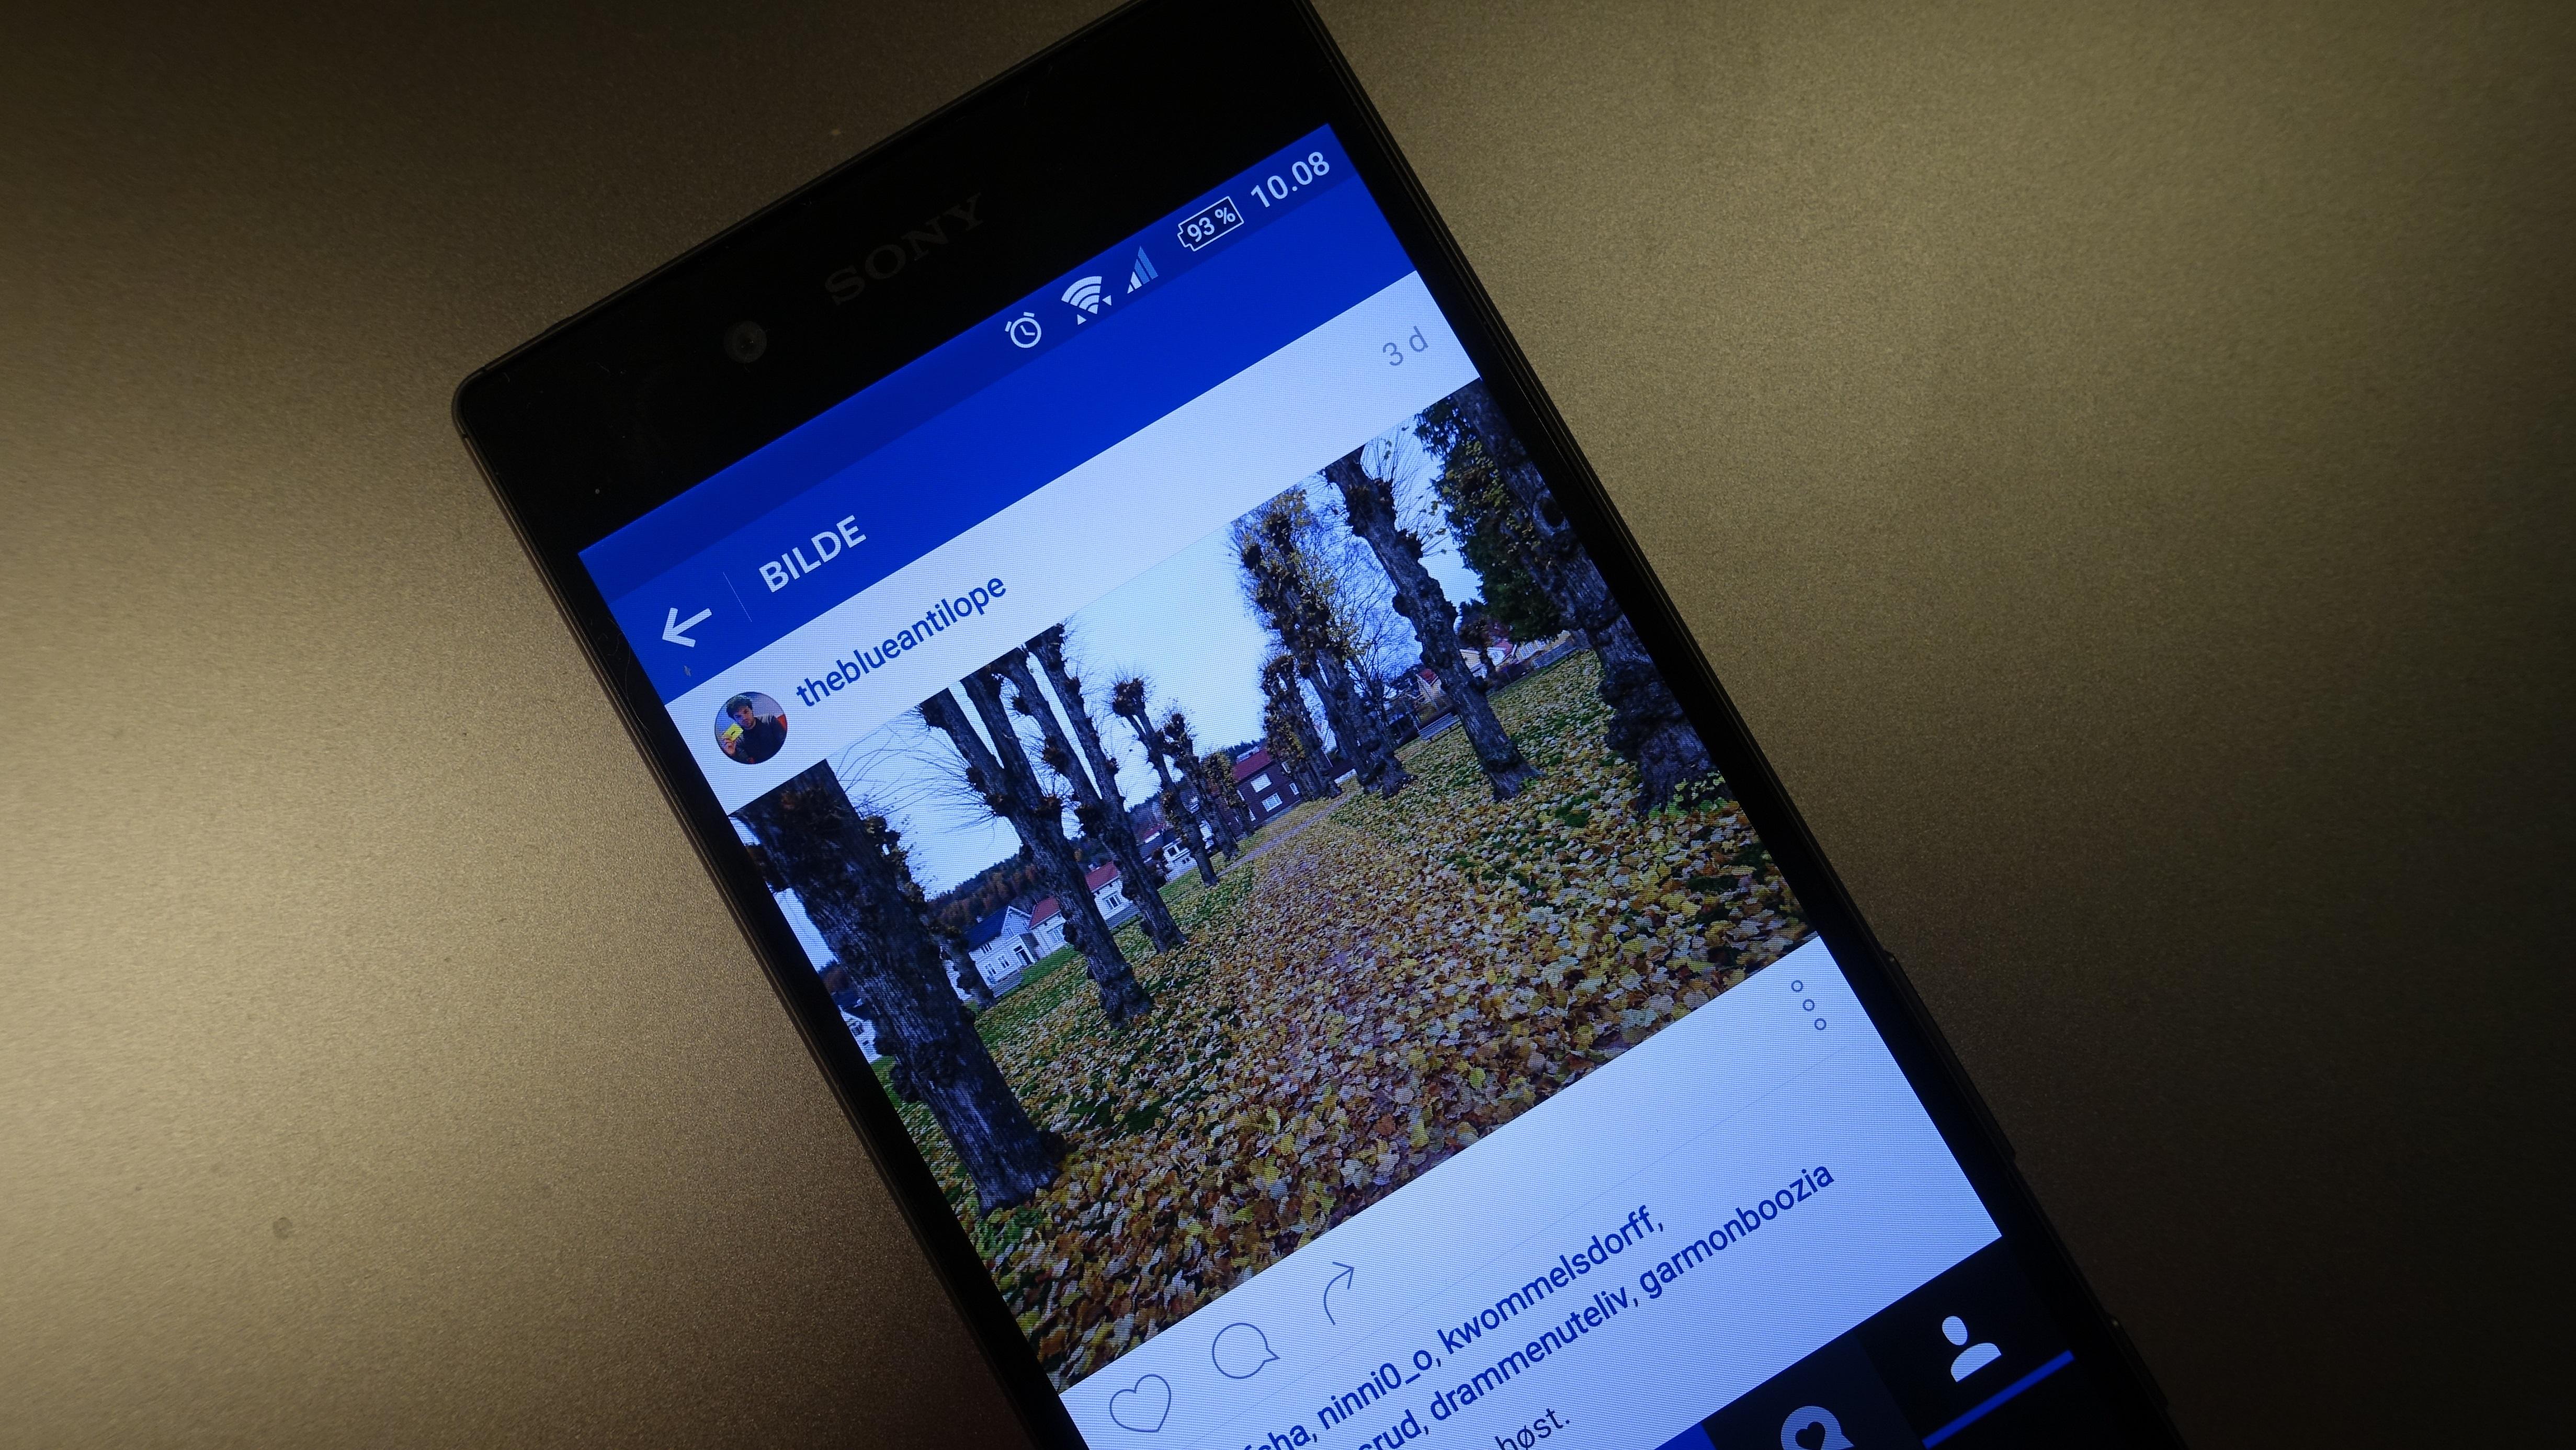 En Instagram-app skal ha sendt brukerinformasjon til en ekstern server.